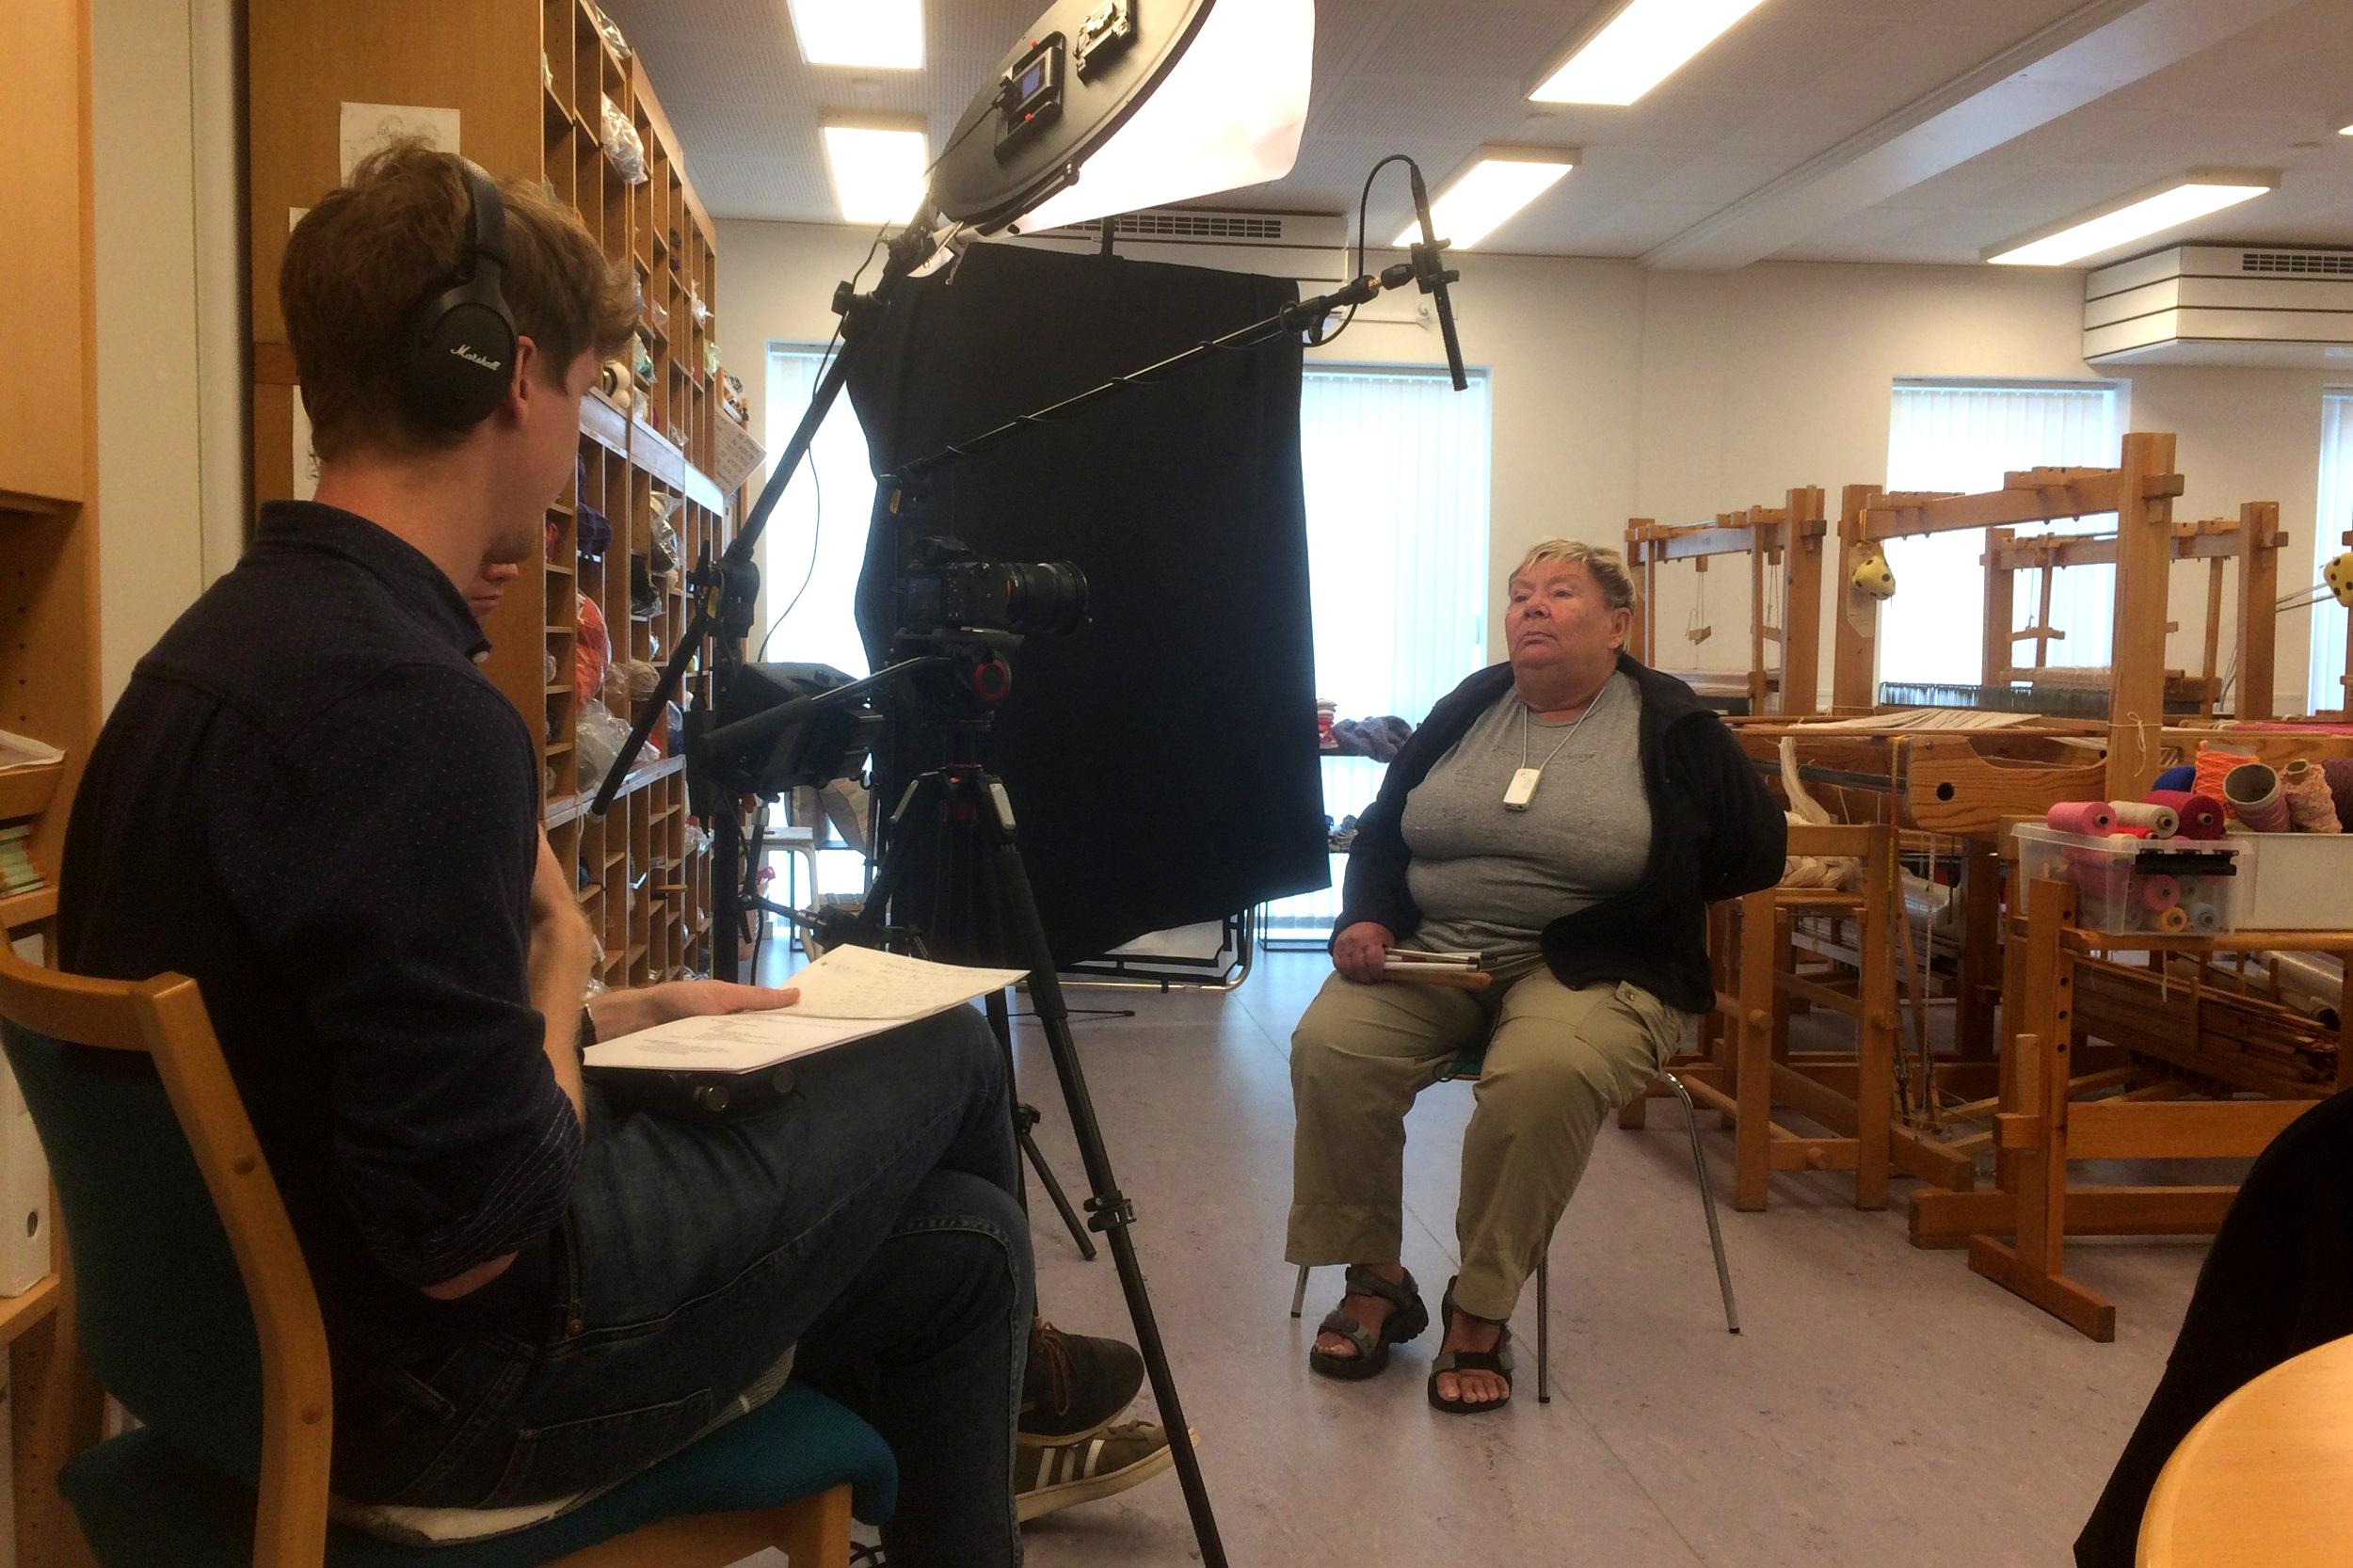 Her ses Birte, som er i gang med at blive interviewet af en mandlig projektmedarbejder. Interviewet finder sted blandt væve og garn i et aktivitetscenter.